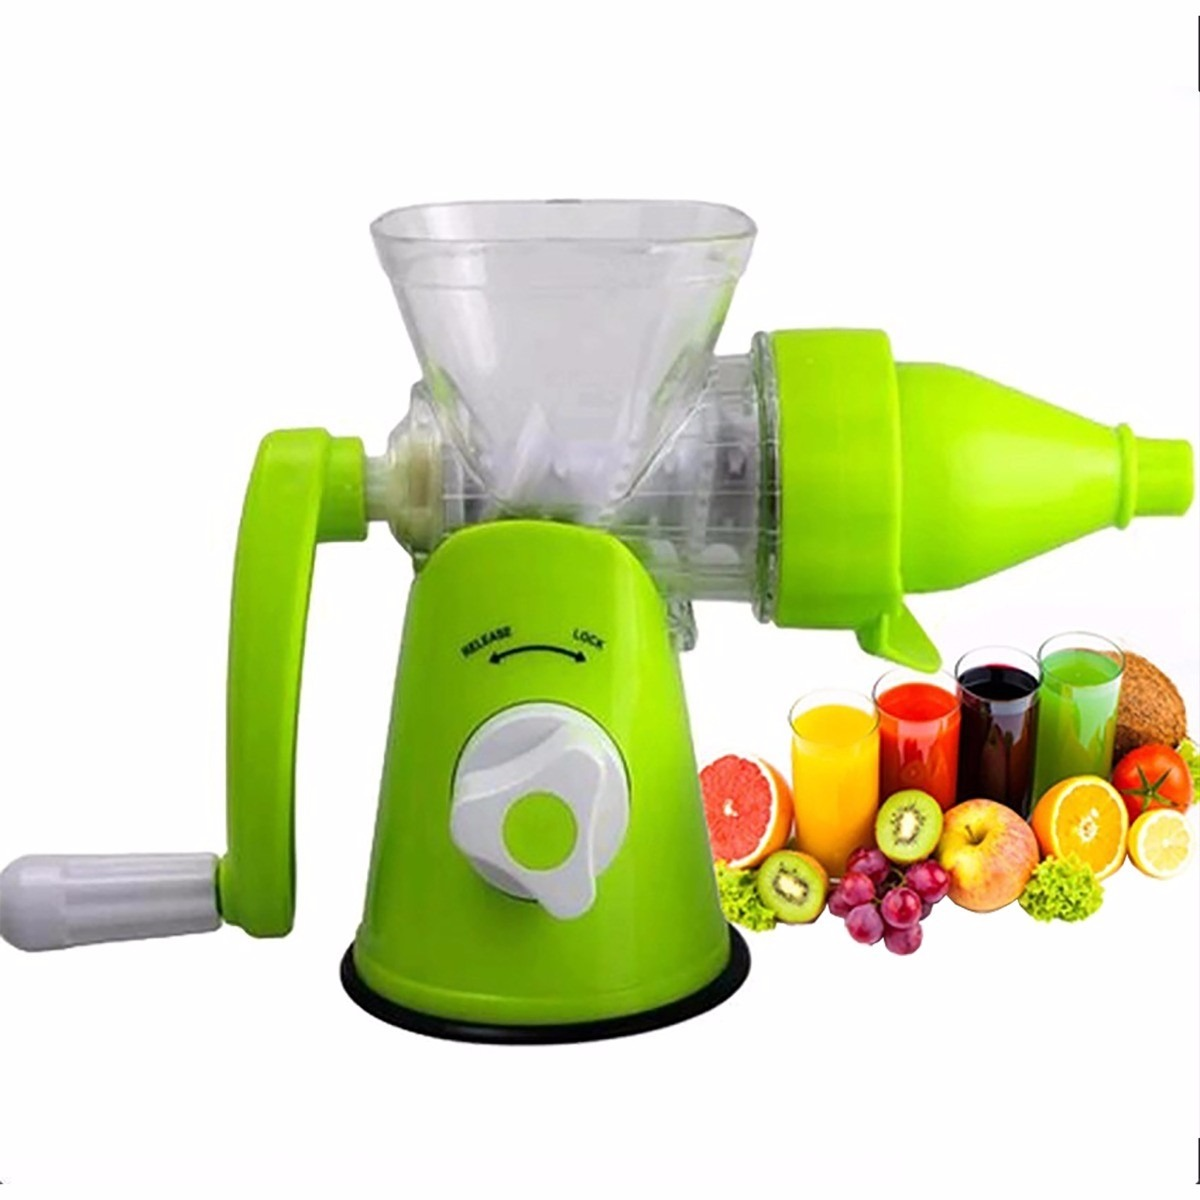 Juicer Frutas Extrator Sucos Maquina Melhor Preco Cozinha - R$ 84,98 em Mercado Livre